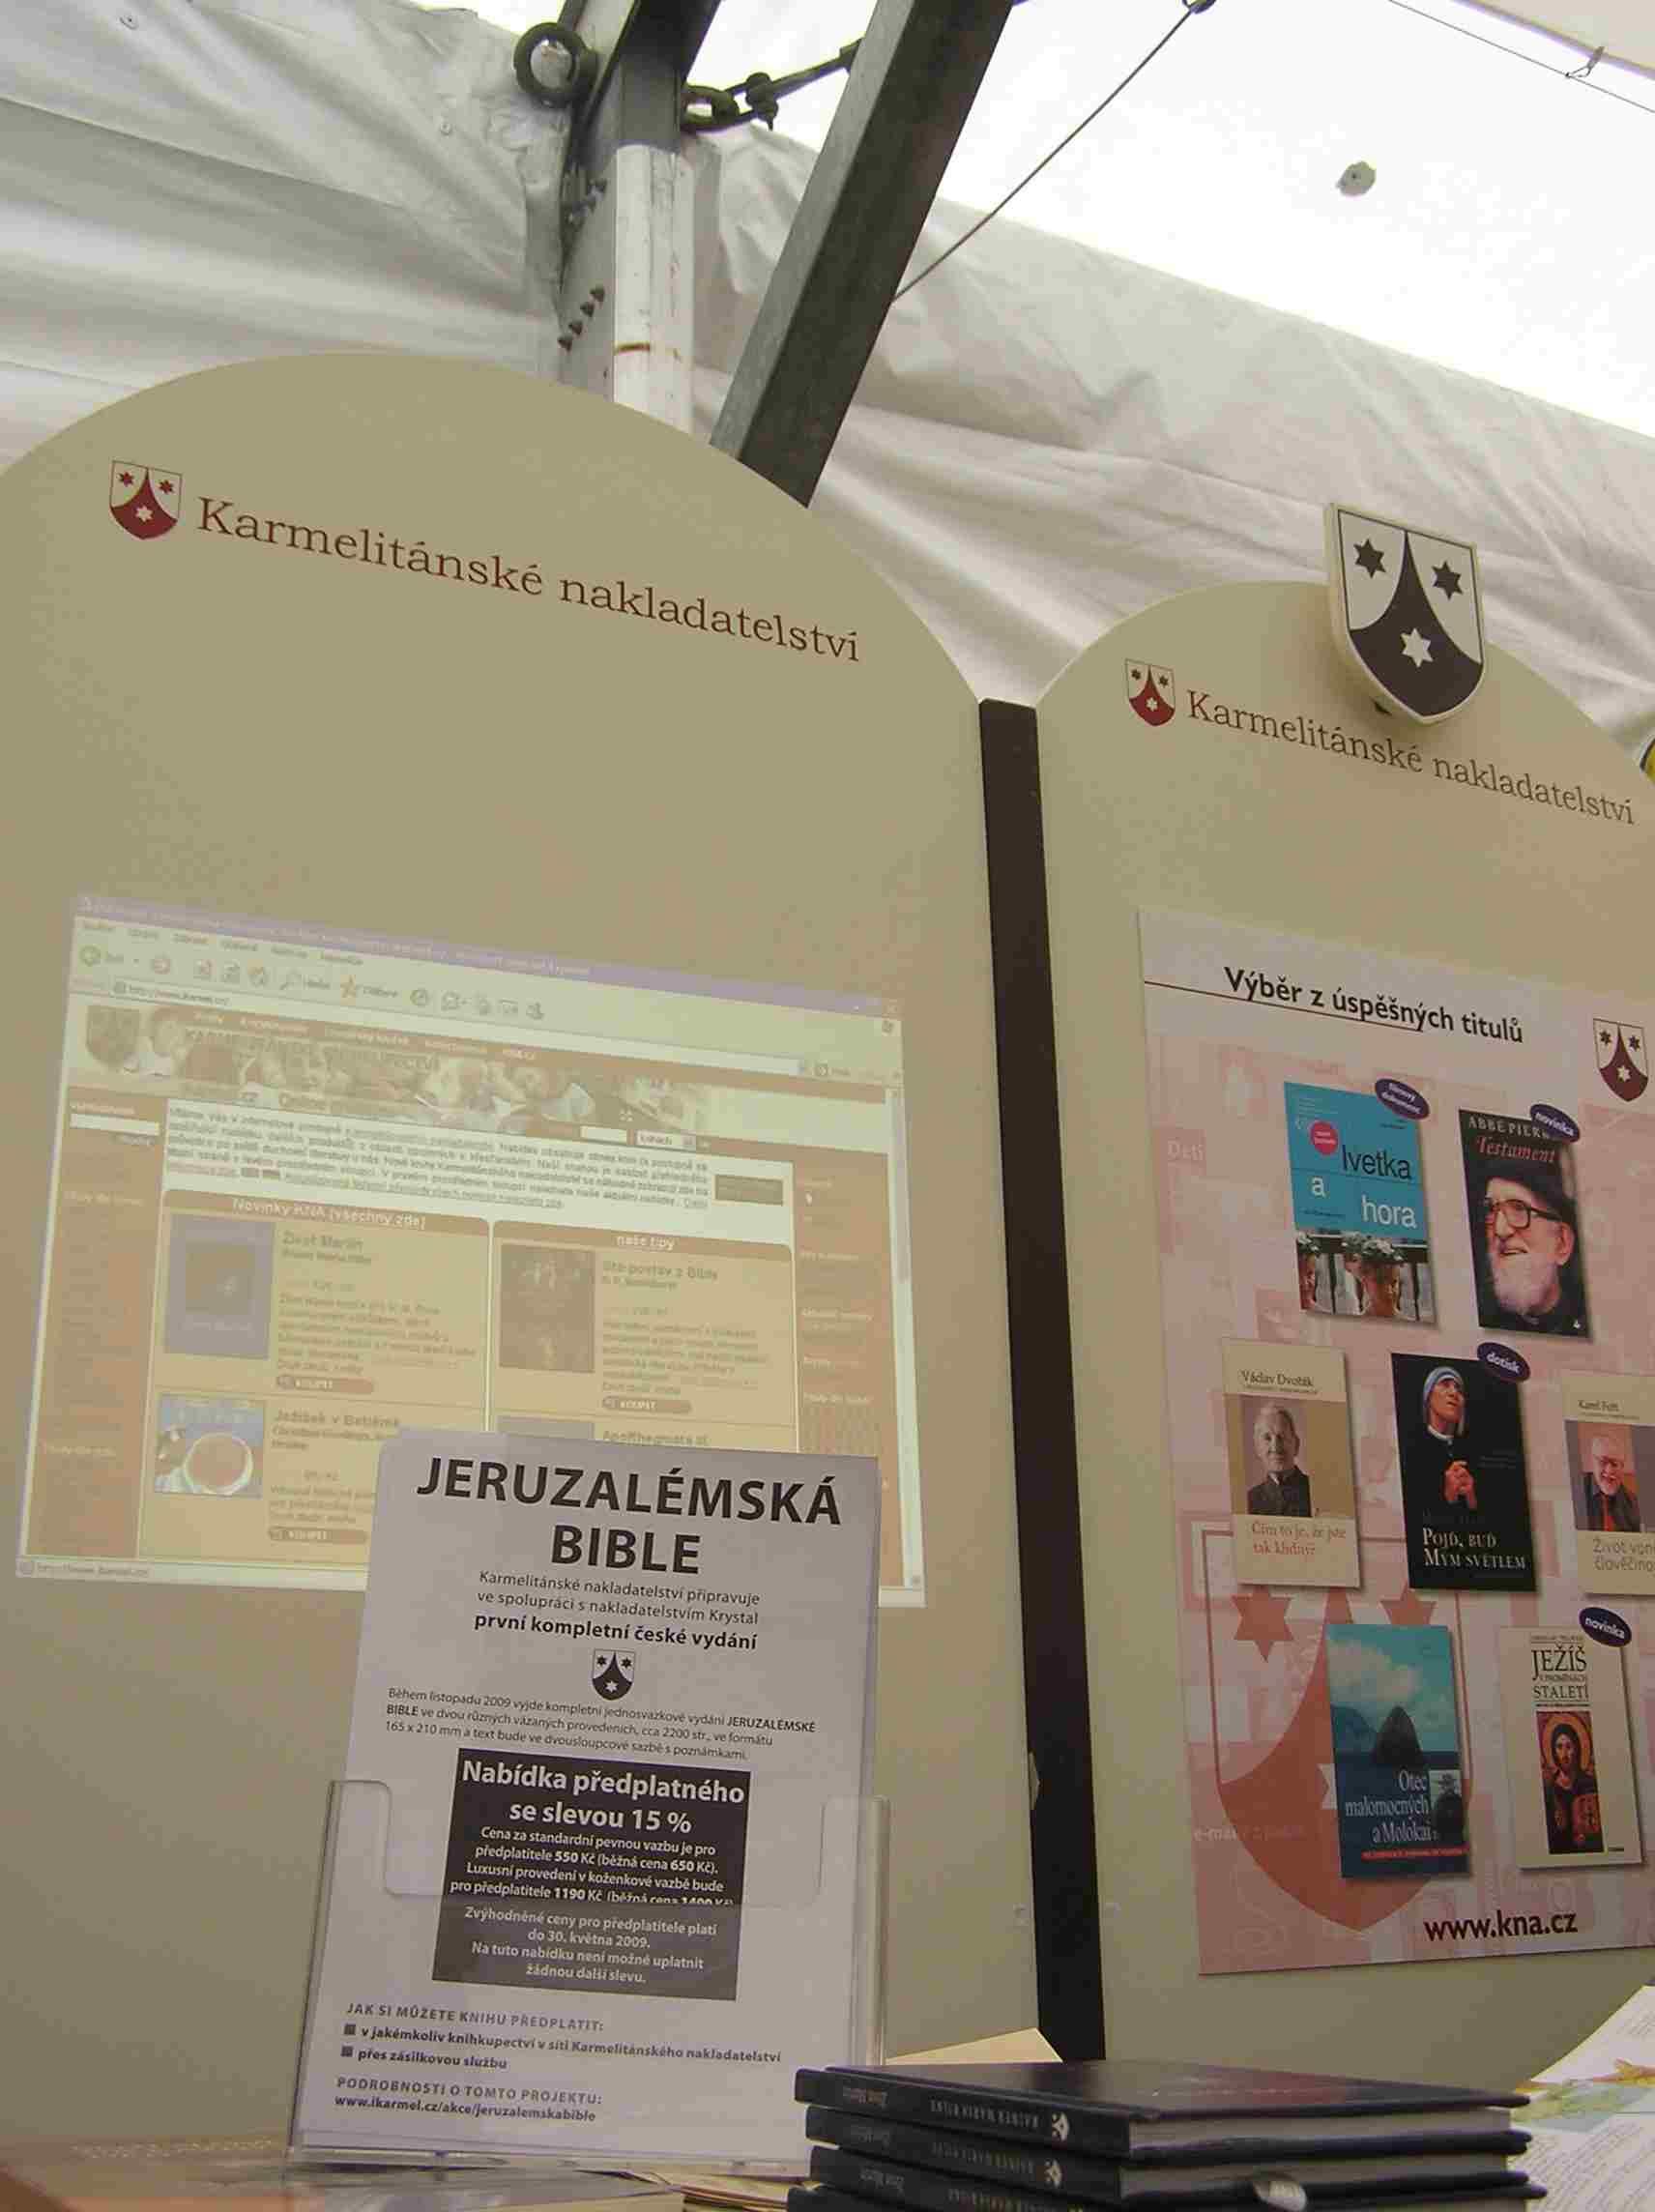 Obr. 7: Karmelitánské nakladatelství zde propagovalo první české vydání Jeruzalémské Bible, ke kterému by mělo dojít na podzim